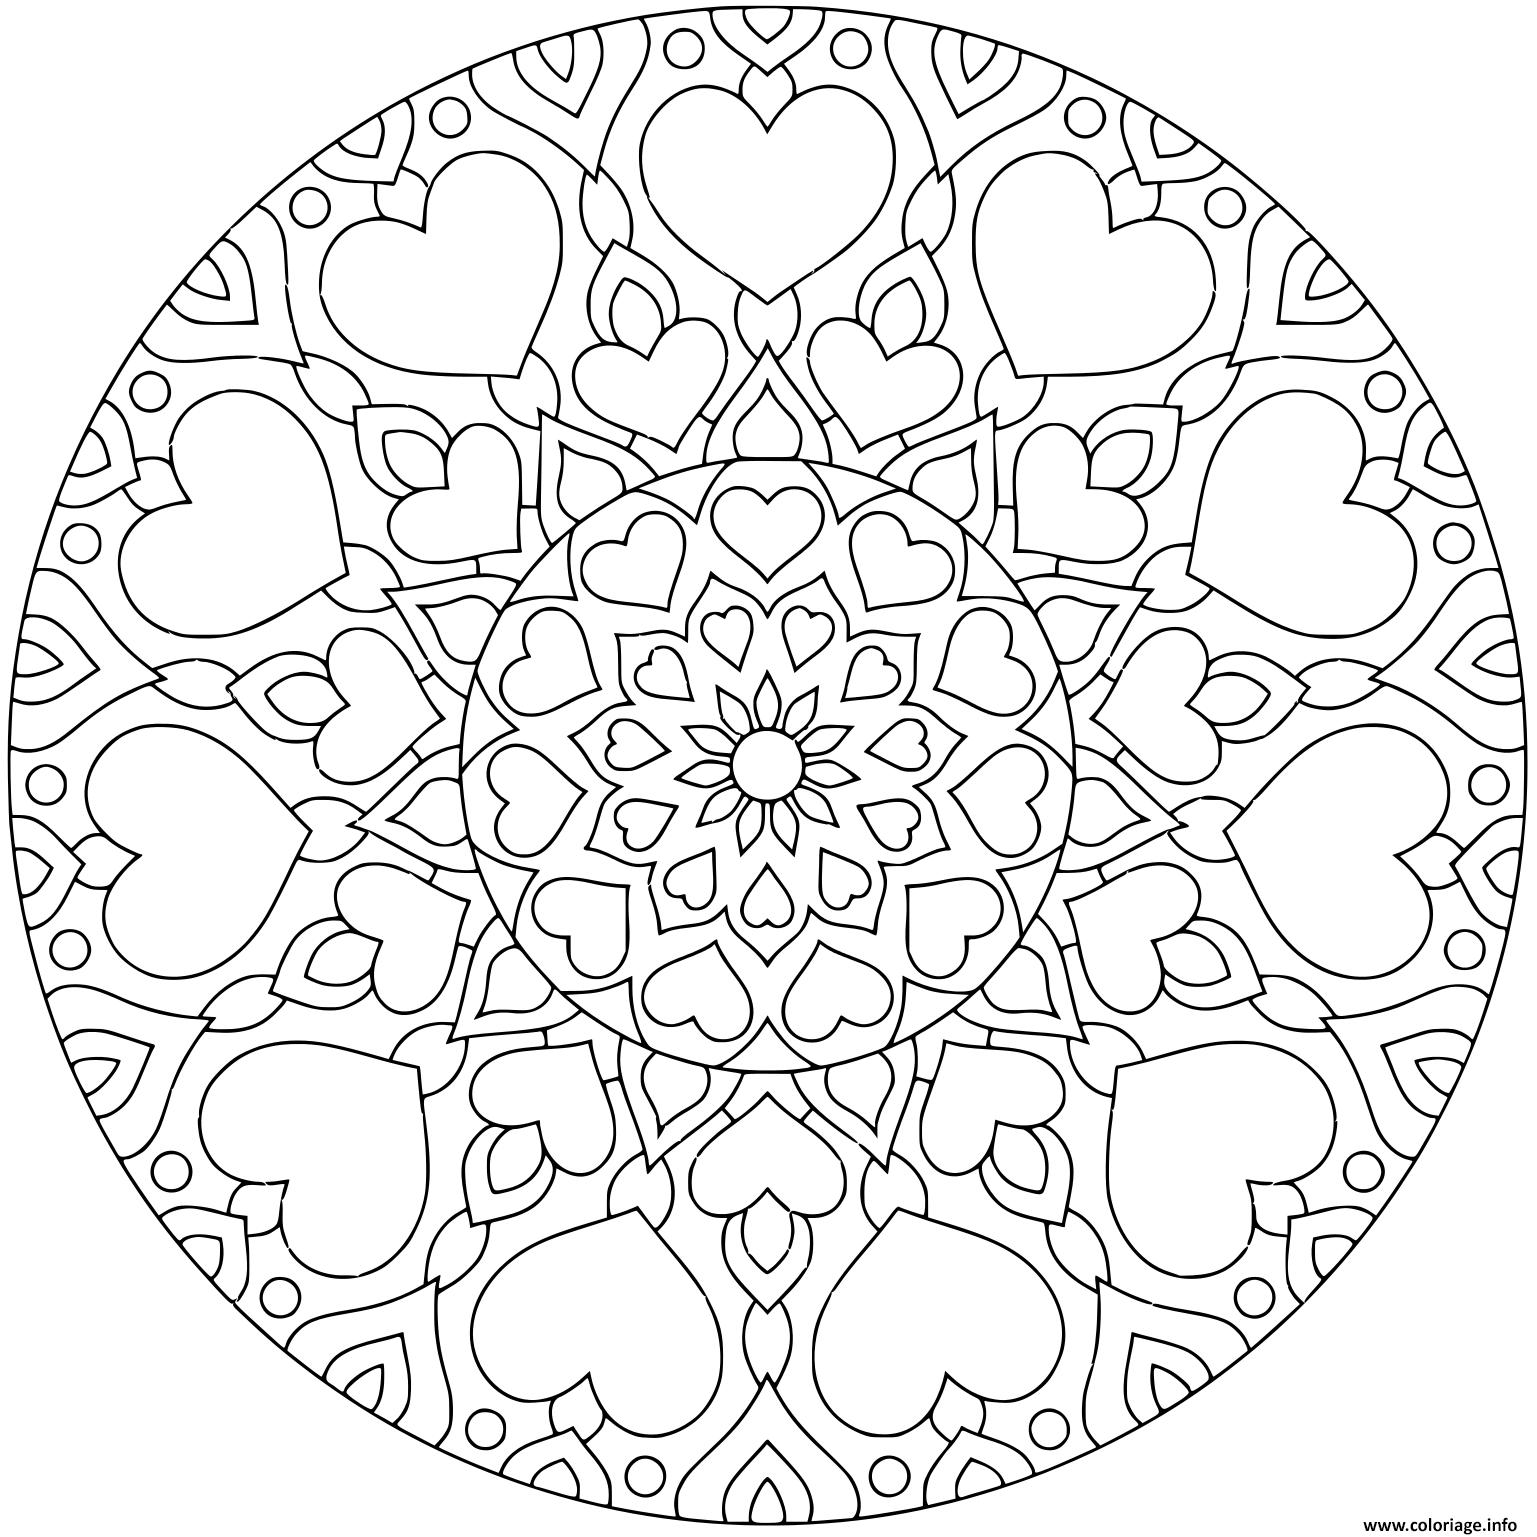 Dessin fleurs mandala avec coeurs pour adulte Coloriage Gratuit à Imprimer